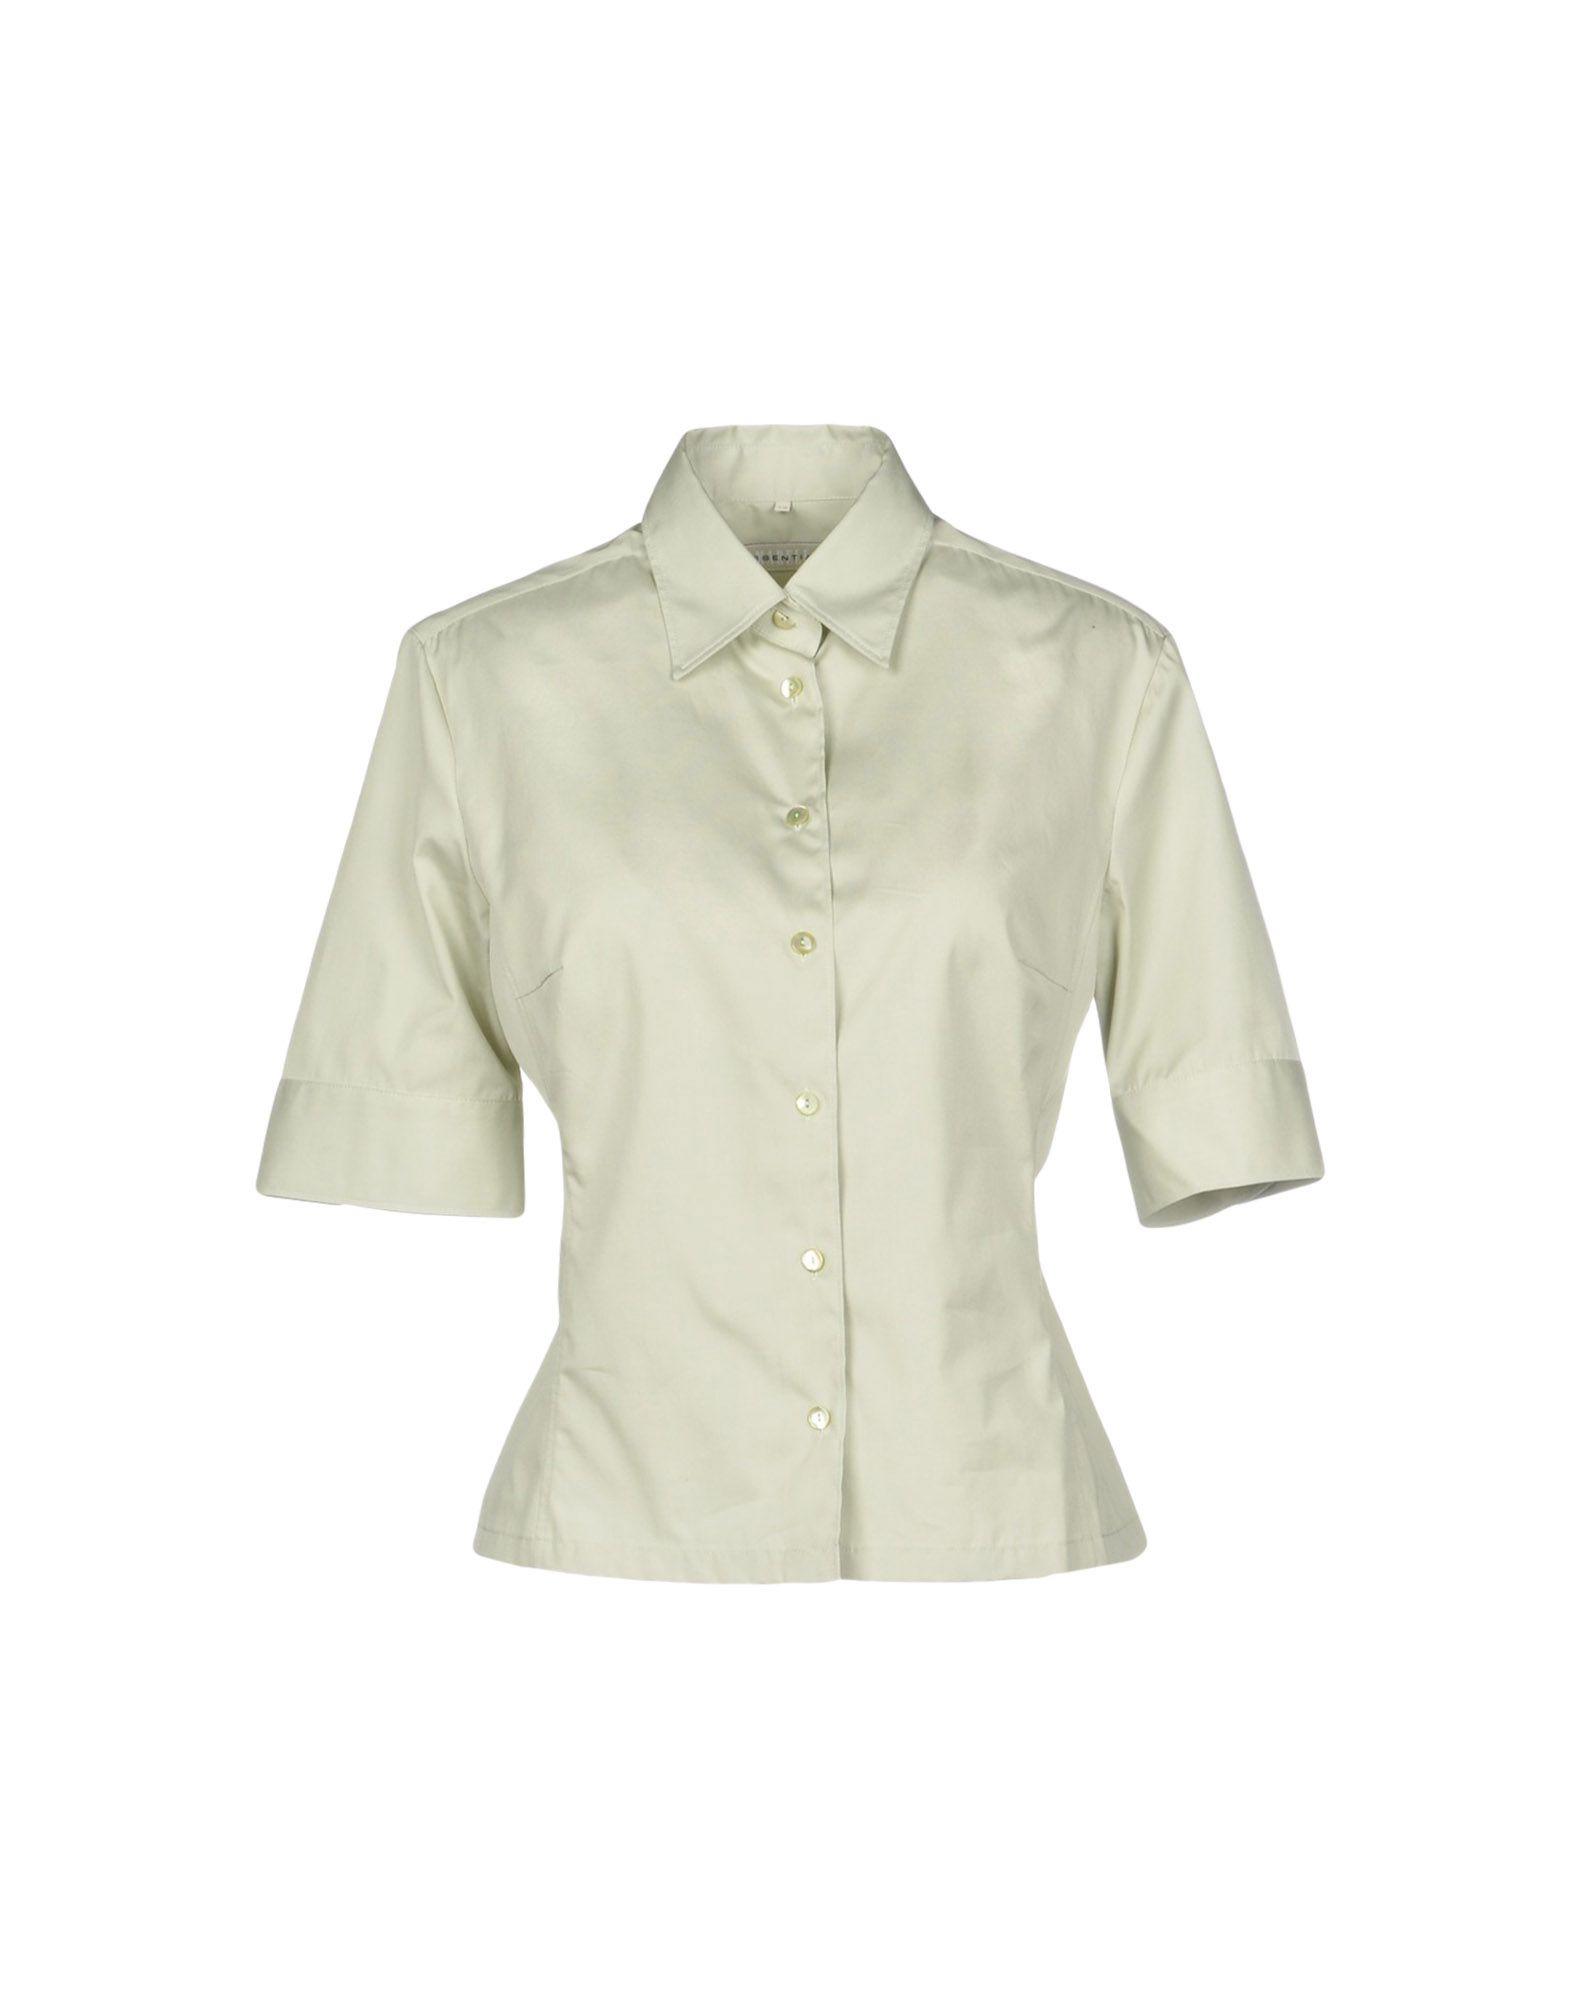 《送料無料》MARELLA レディース シャツ ライトグリーン 40 コットン 100%